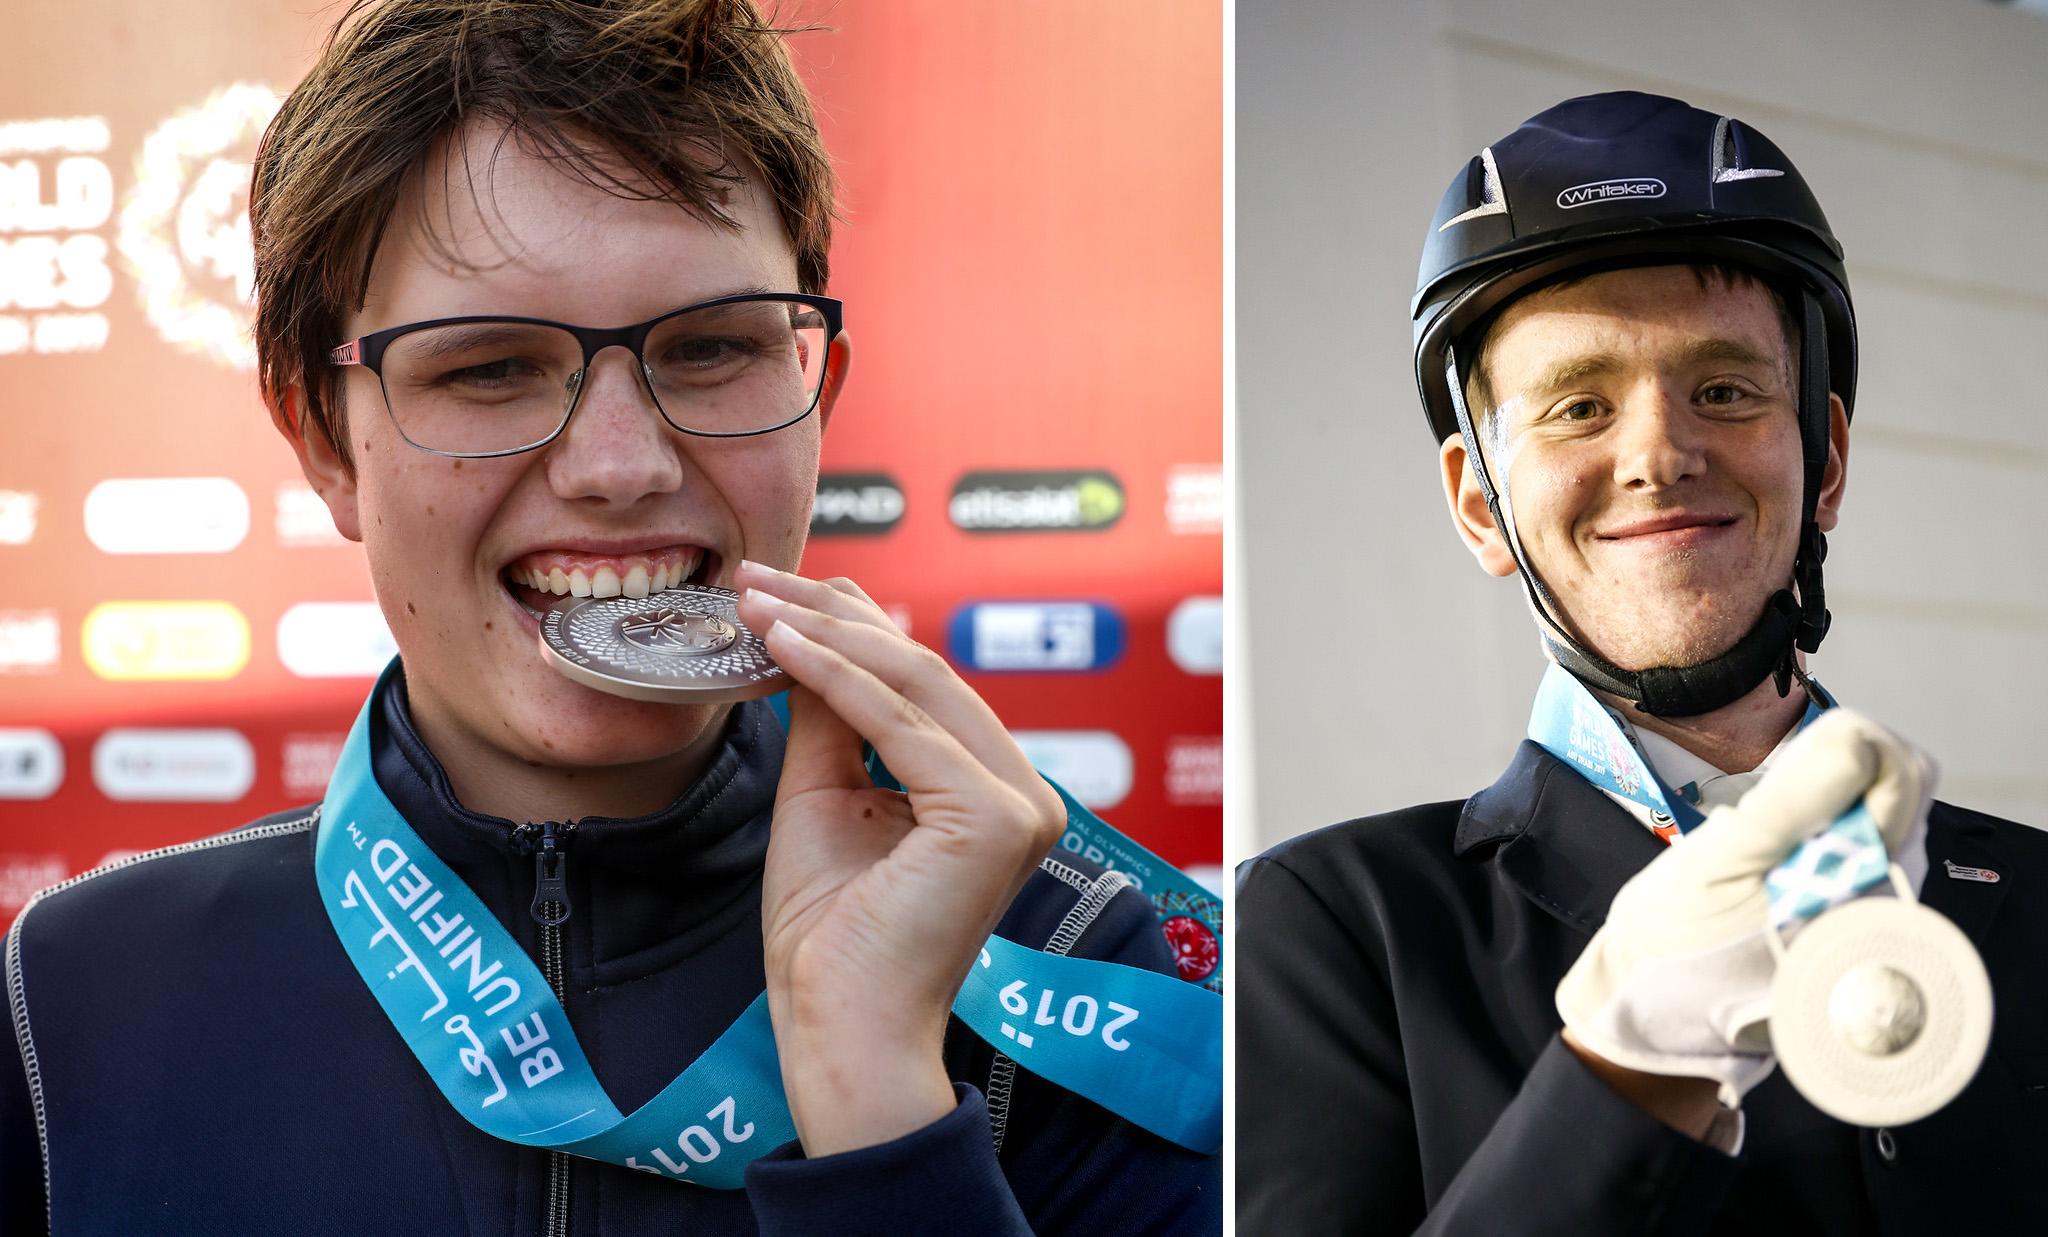 Ryttarna Rebecka Mårtensson och Jimmy Andersson hyllas på Friends Arena för sina insatser på Special Olympics World Summer Games i Abu Dhabi.